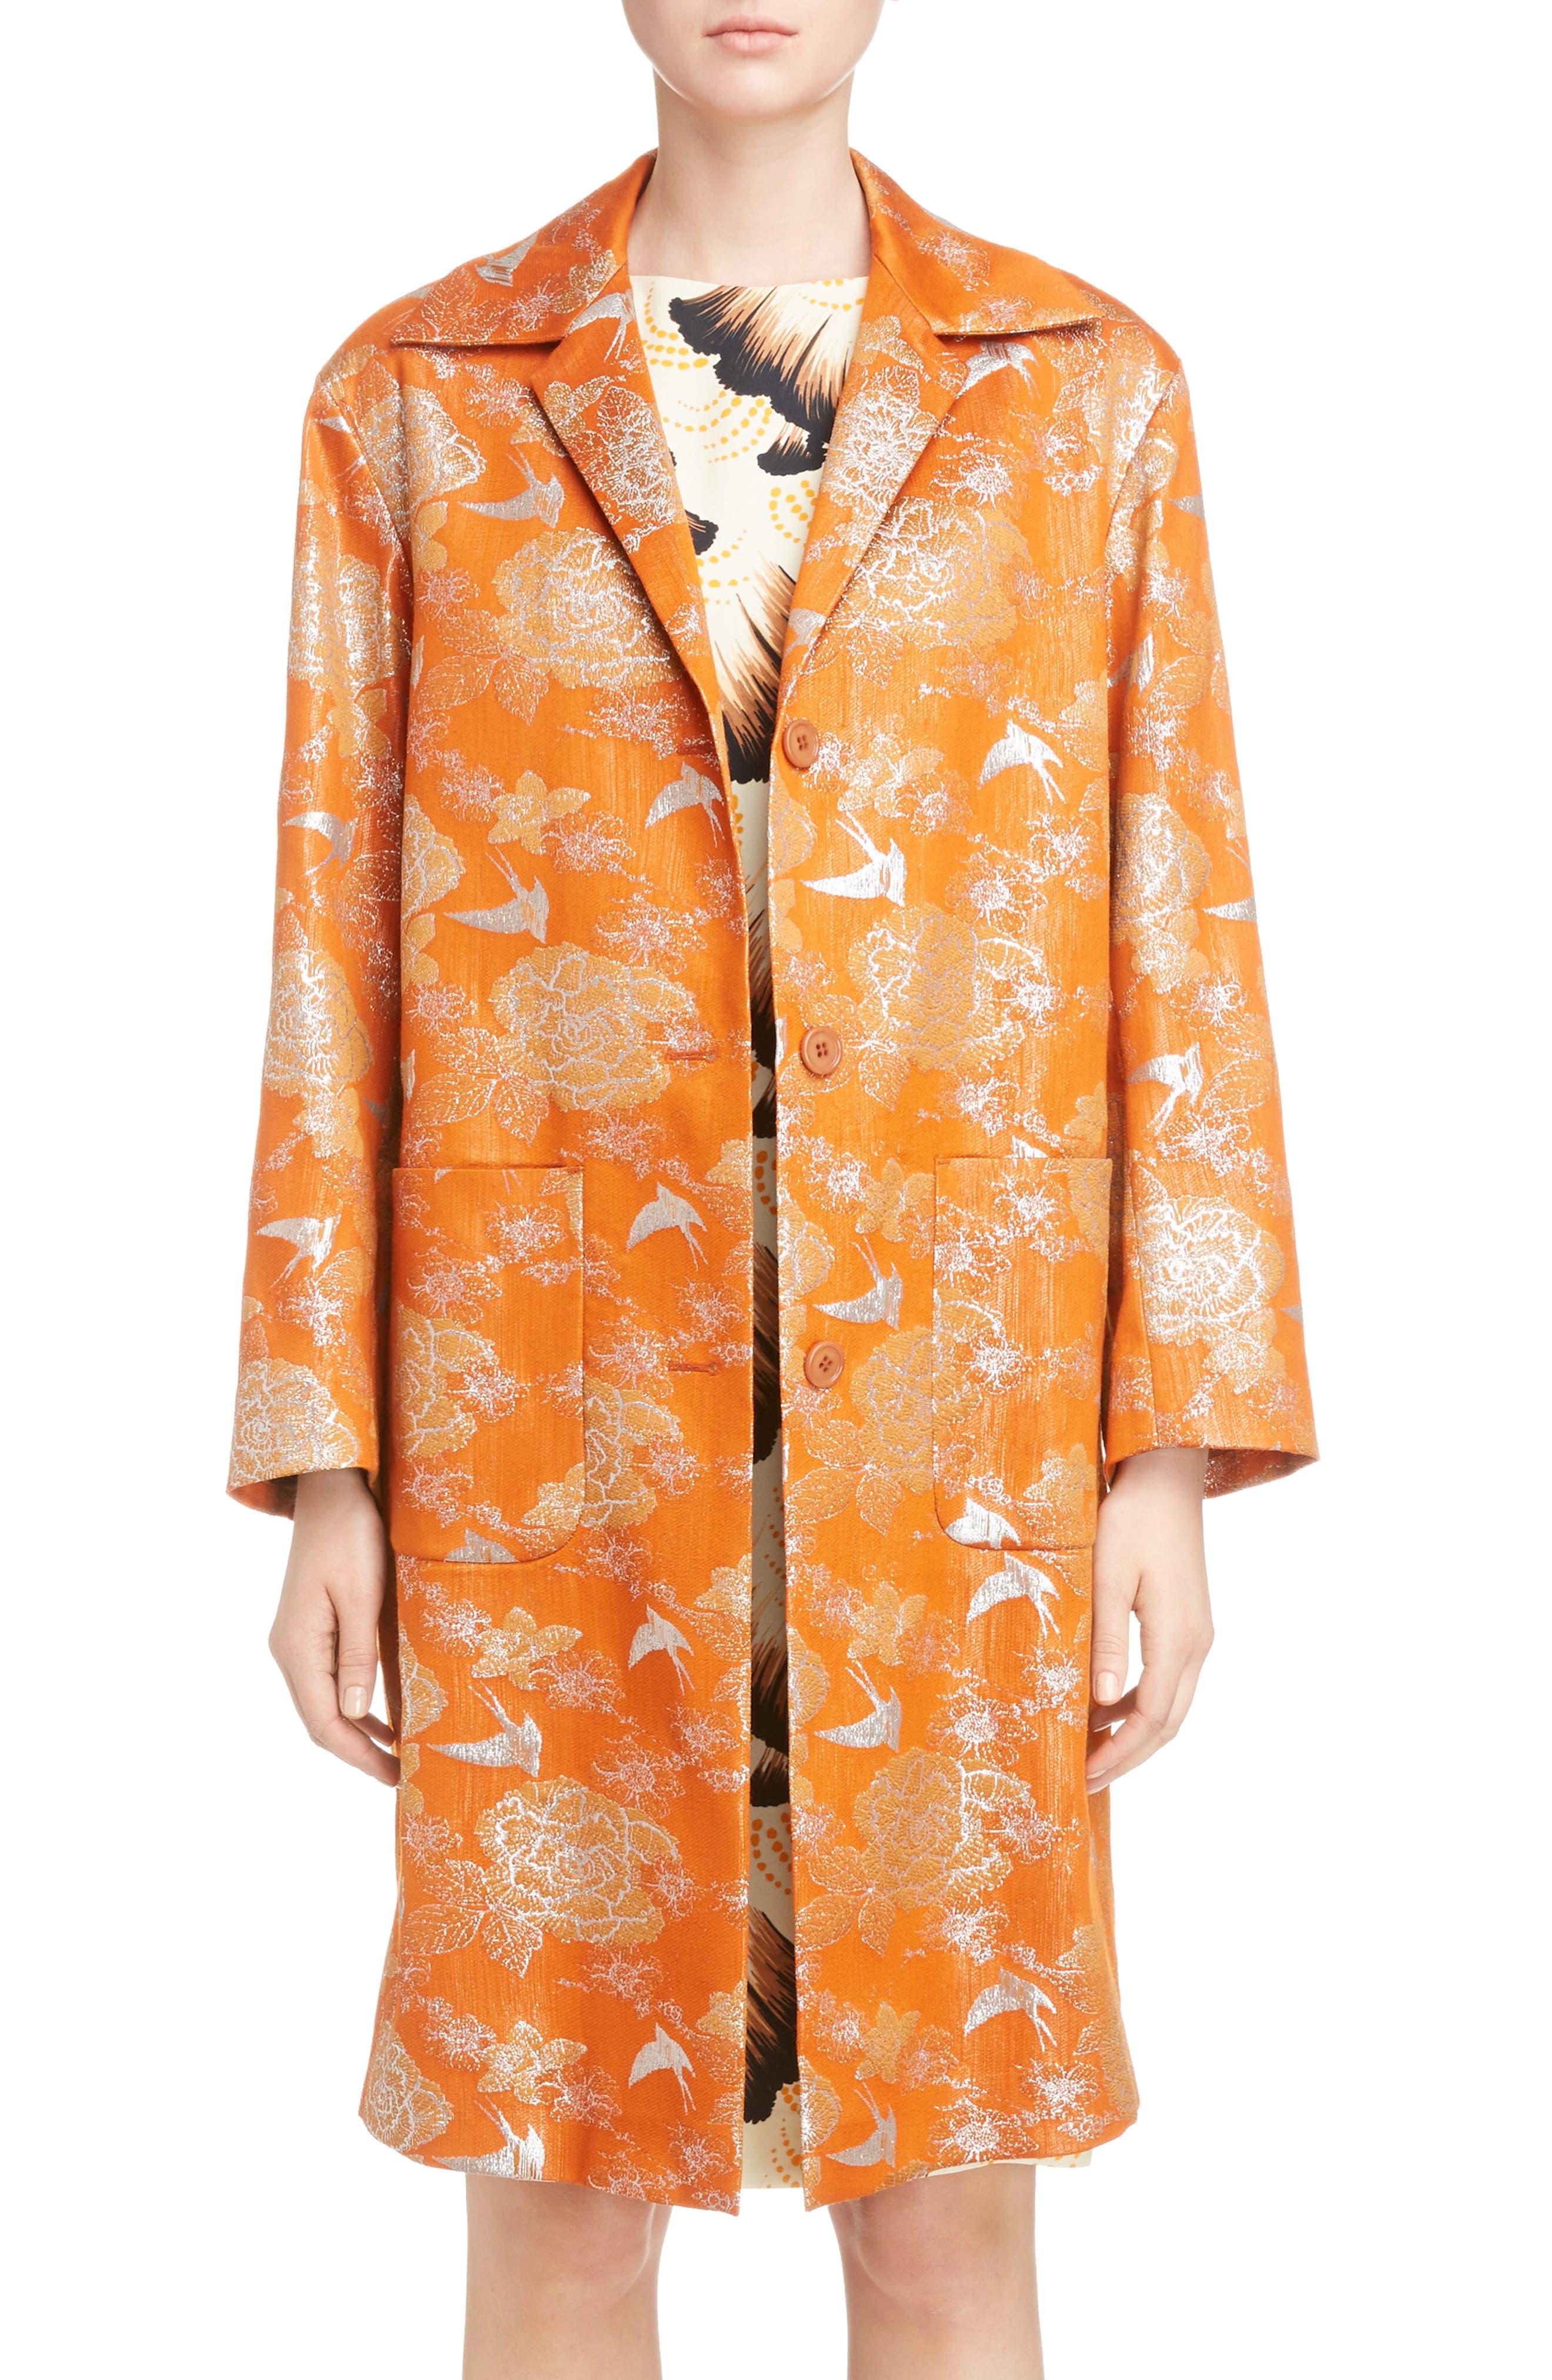 Dries Van Noten Silver Bird Jacquard Coat